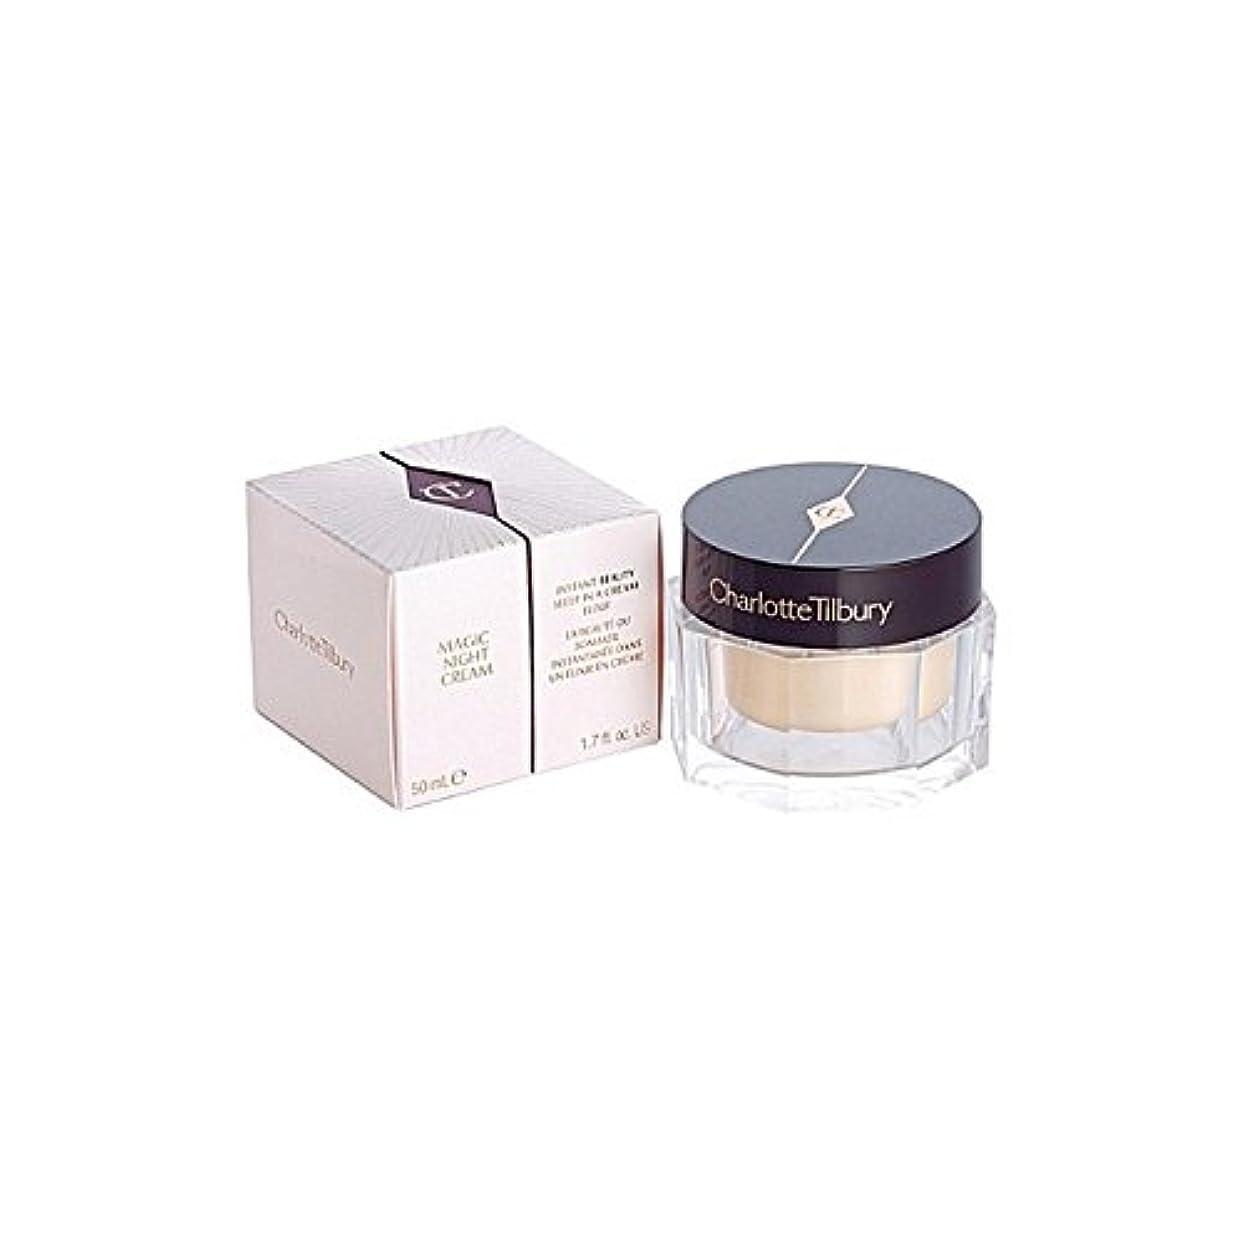 階下サスペンションオピエートCharlotte Tilbury Magic Night Rescue Cream 50Ml (Pack of 6) - シャーロットティルバリーマジックナイトレスキュークリーム50 x6 [並行輸入品]